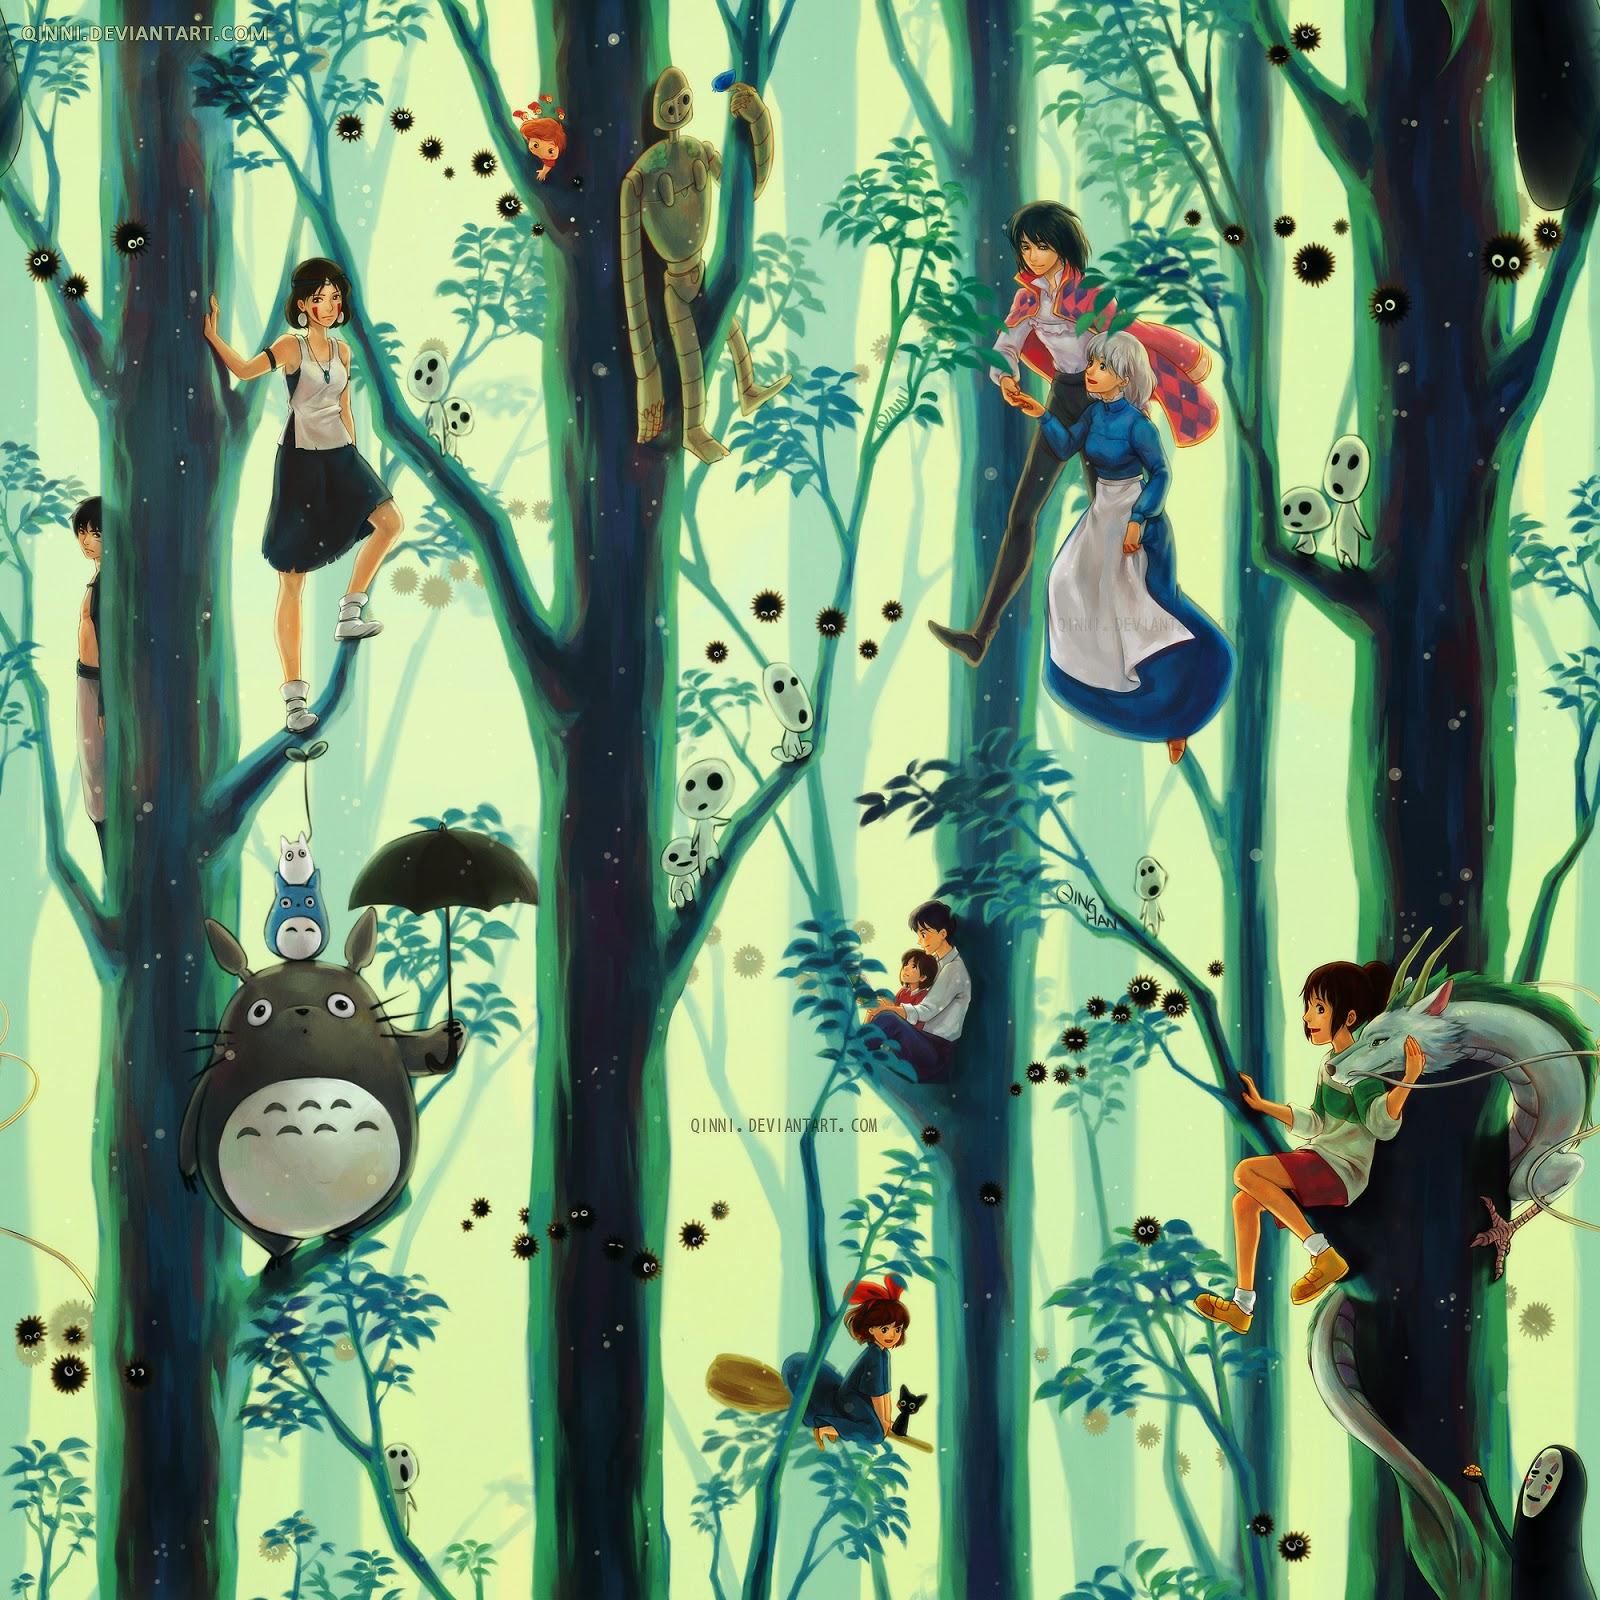 illustration de Qing Han d'une forêt avec les personnage de Hayao Miyazaki